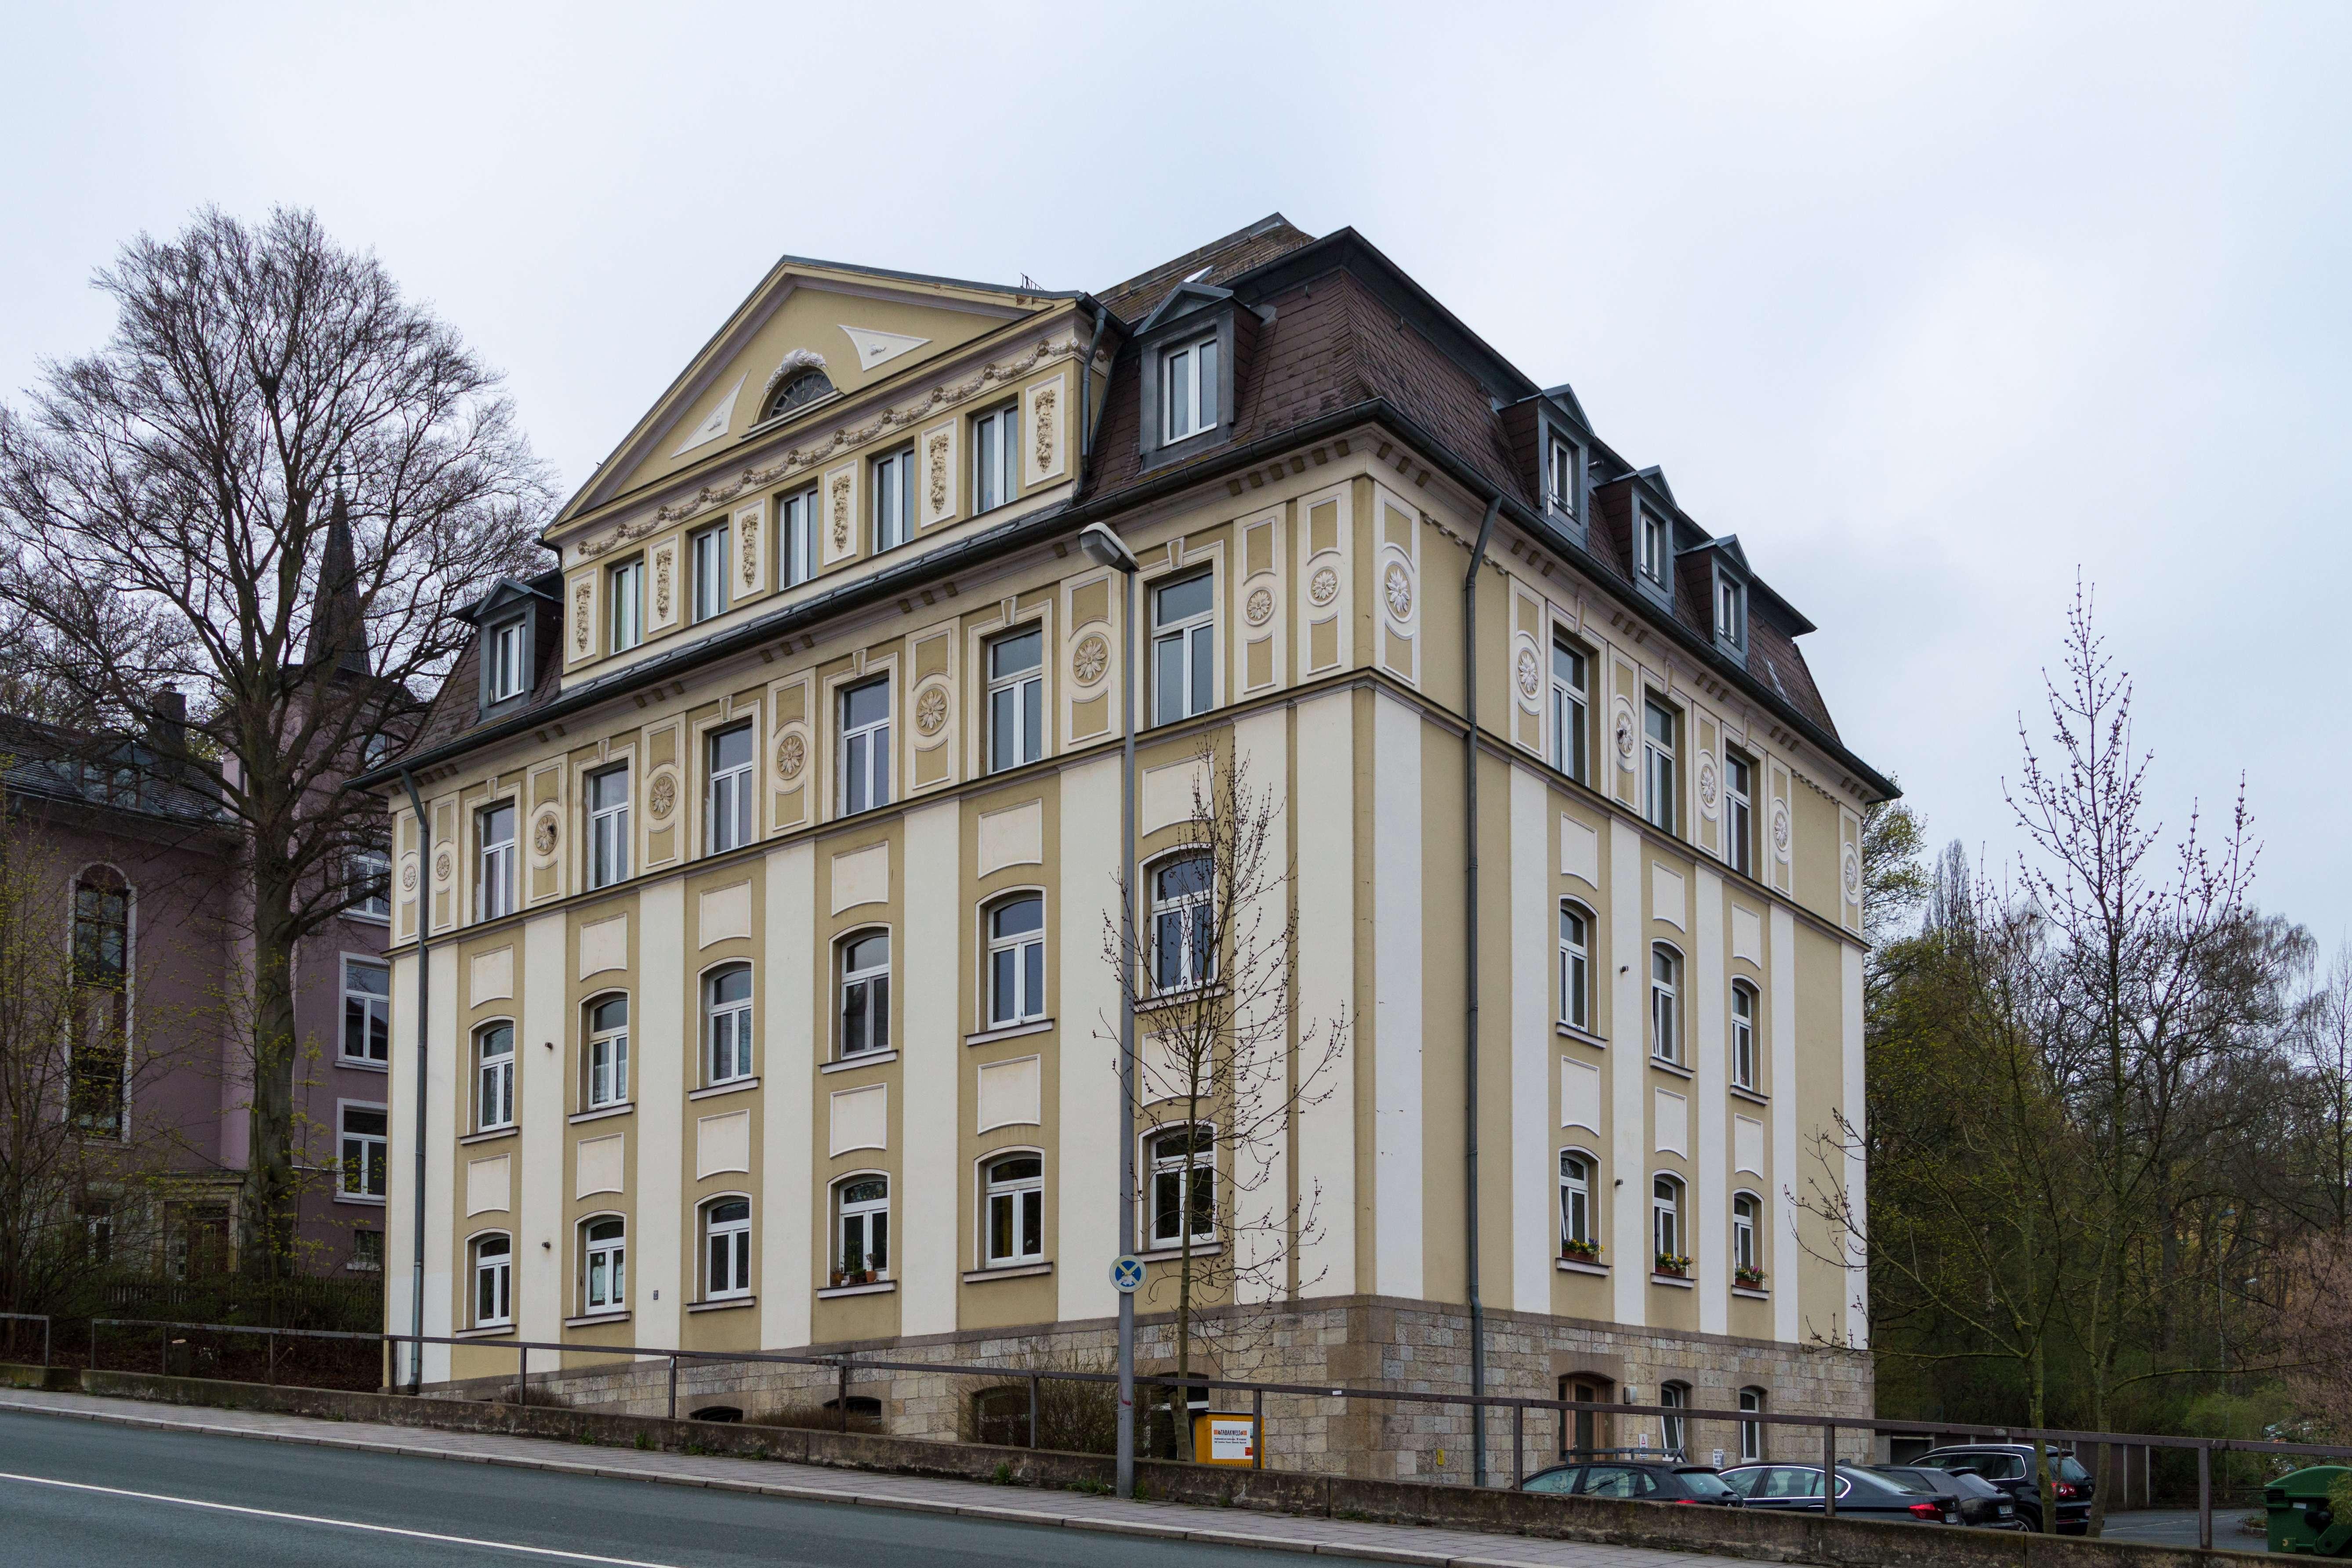 Nachmieter für 2 Zimmer Wohnung in repräsentativem Mehrfamilienhaus gesucht! in Hof-Innenstadt